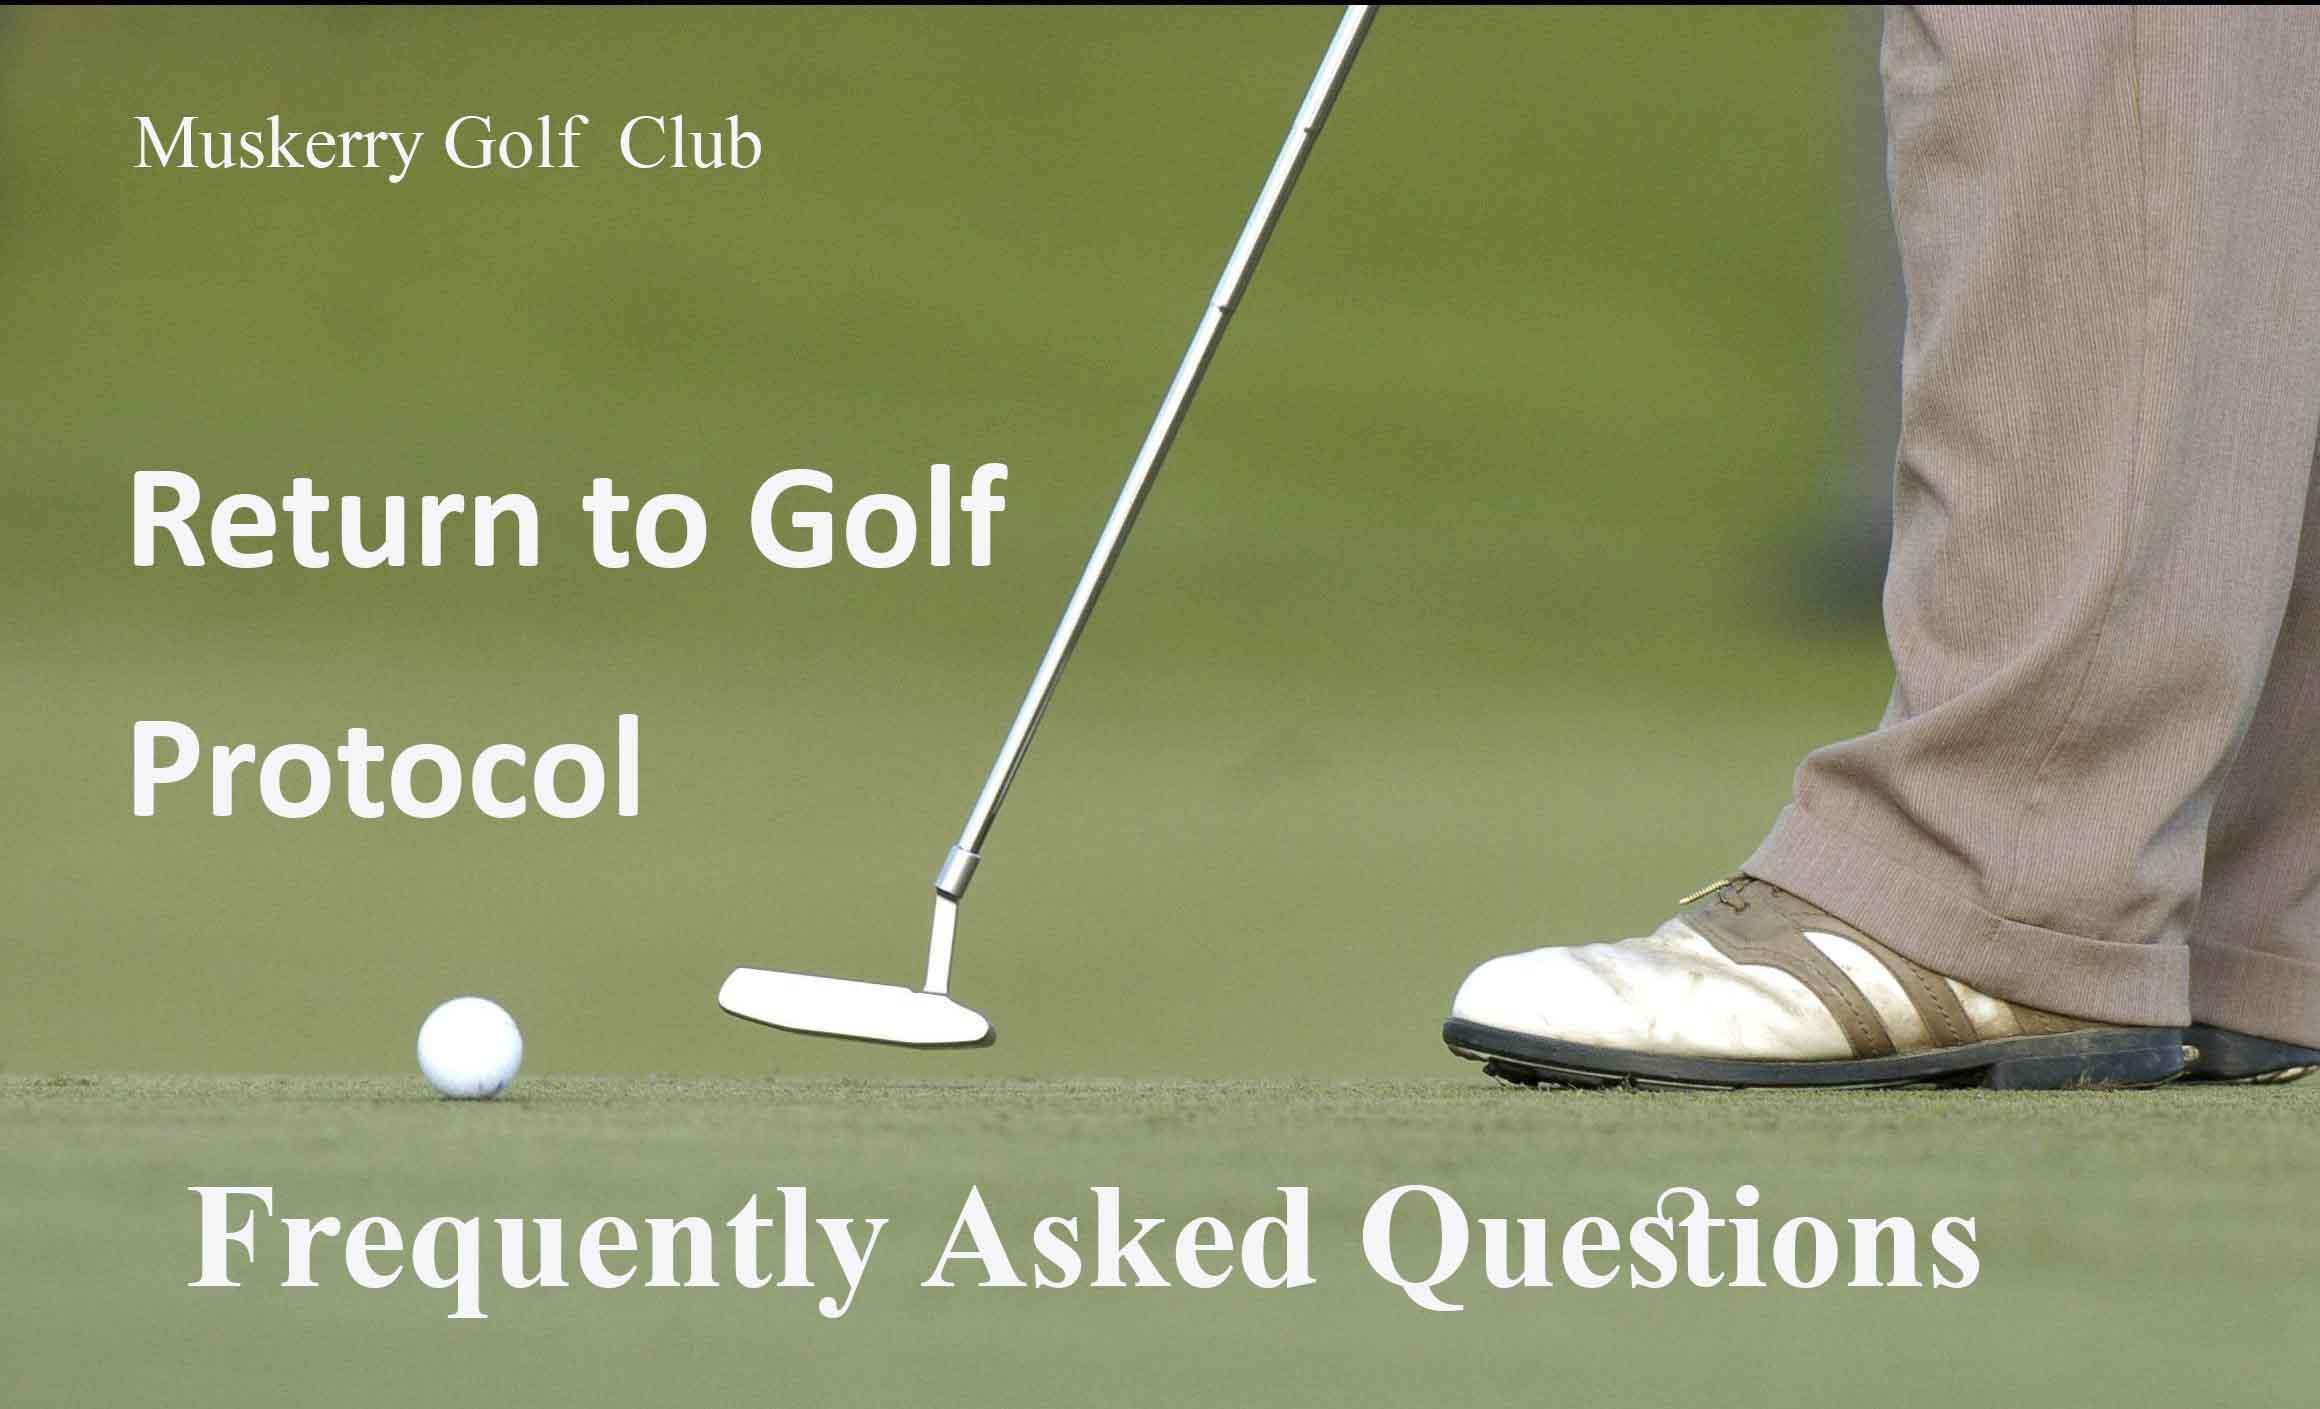 return to golf faq